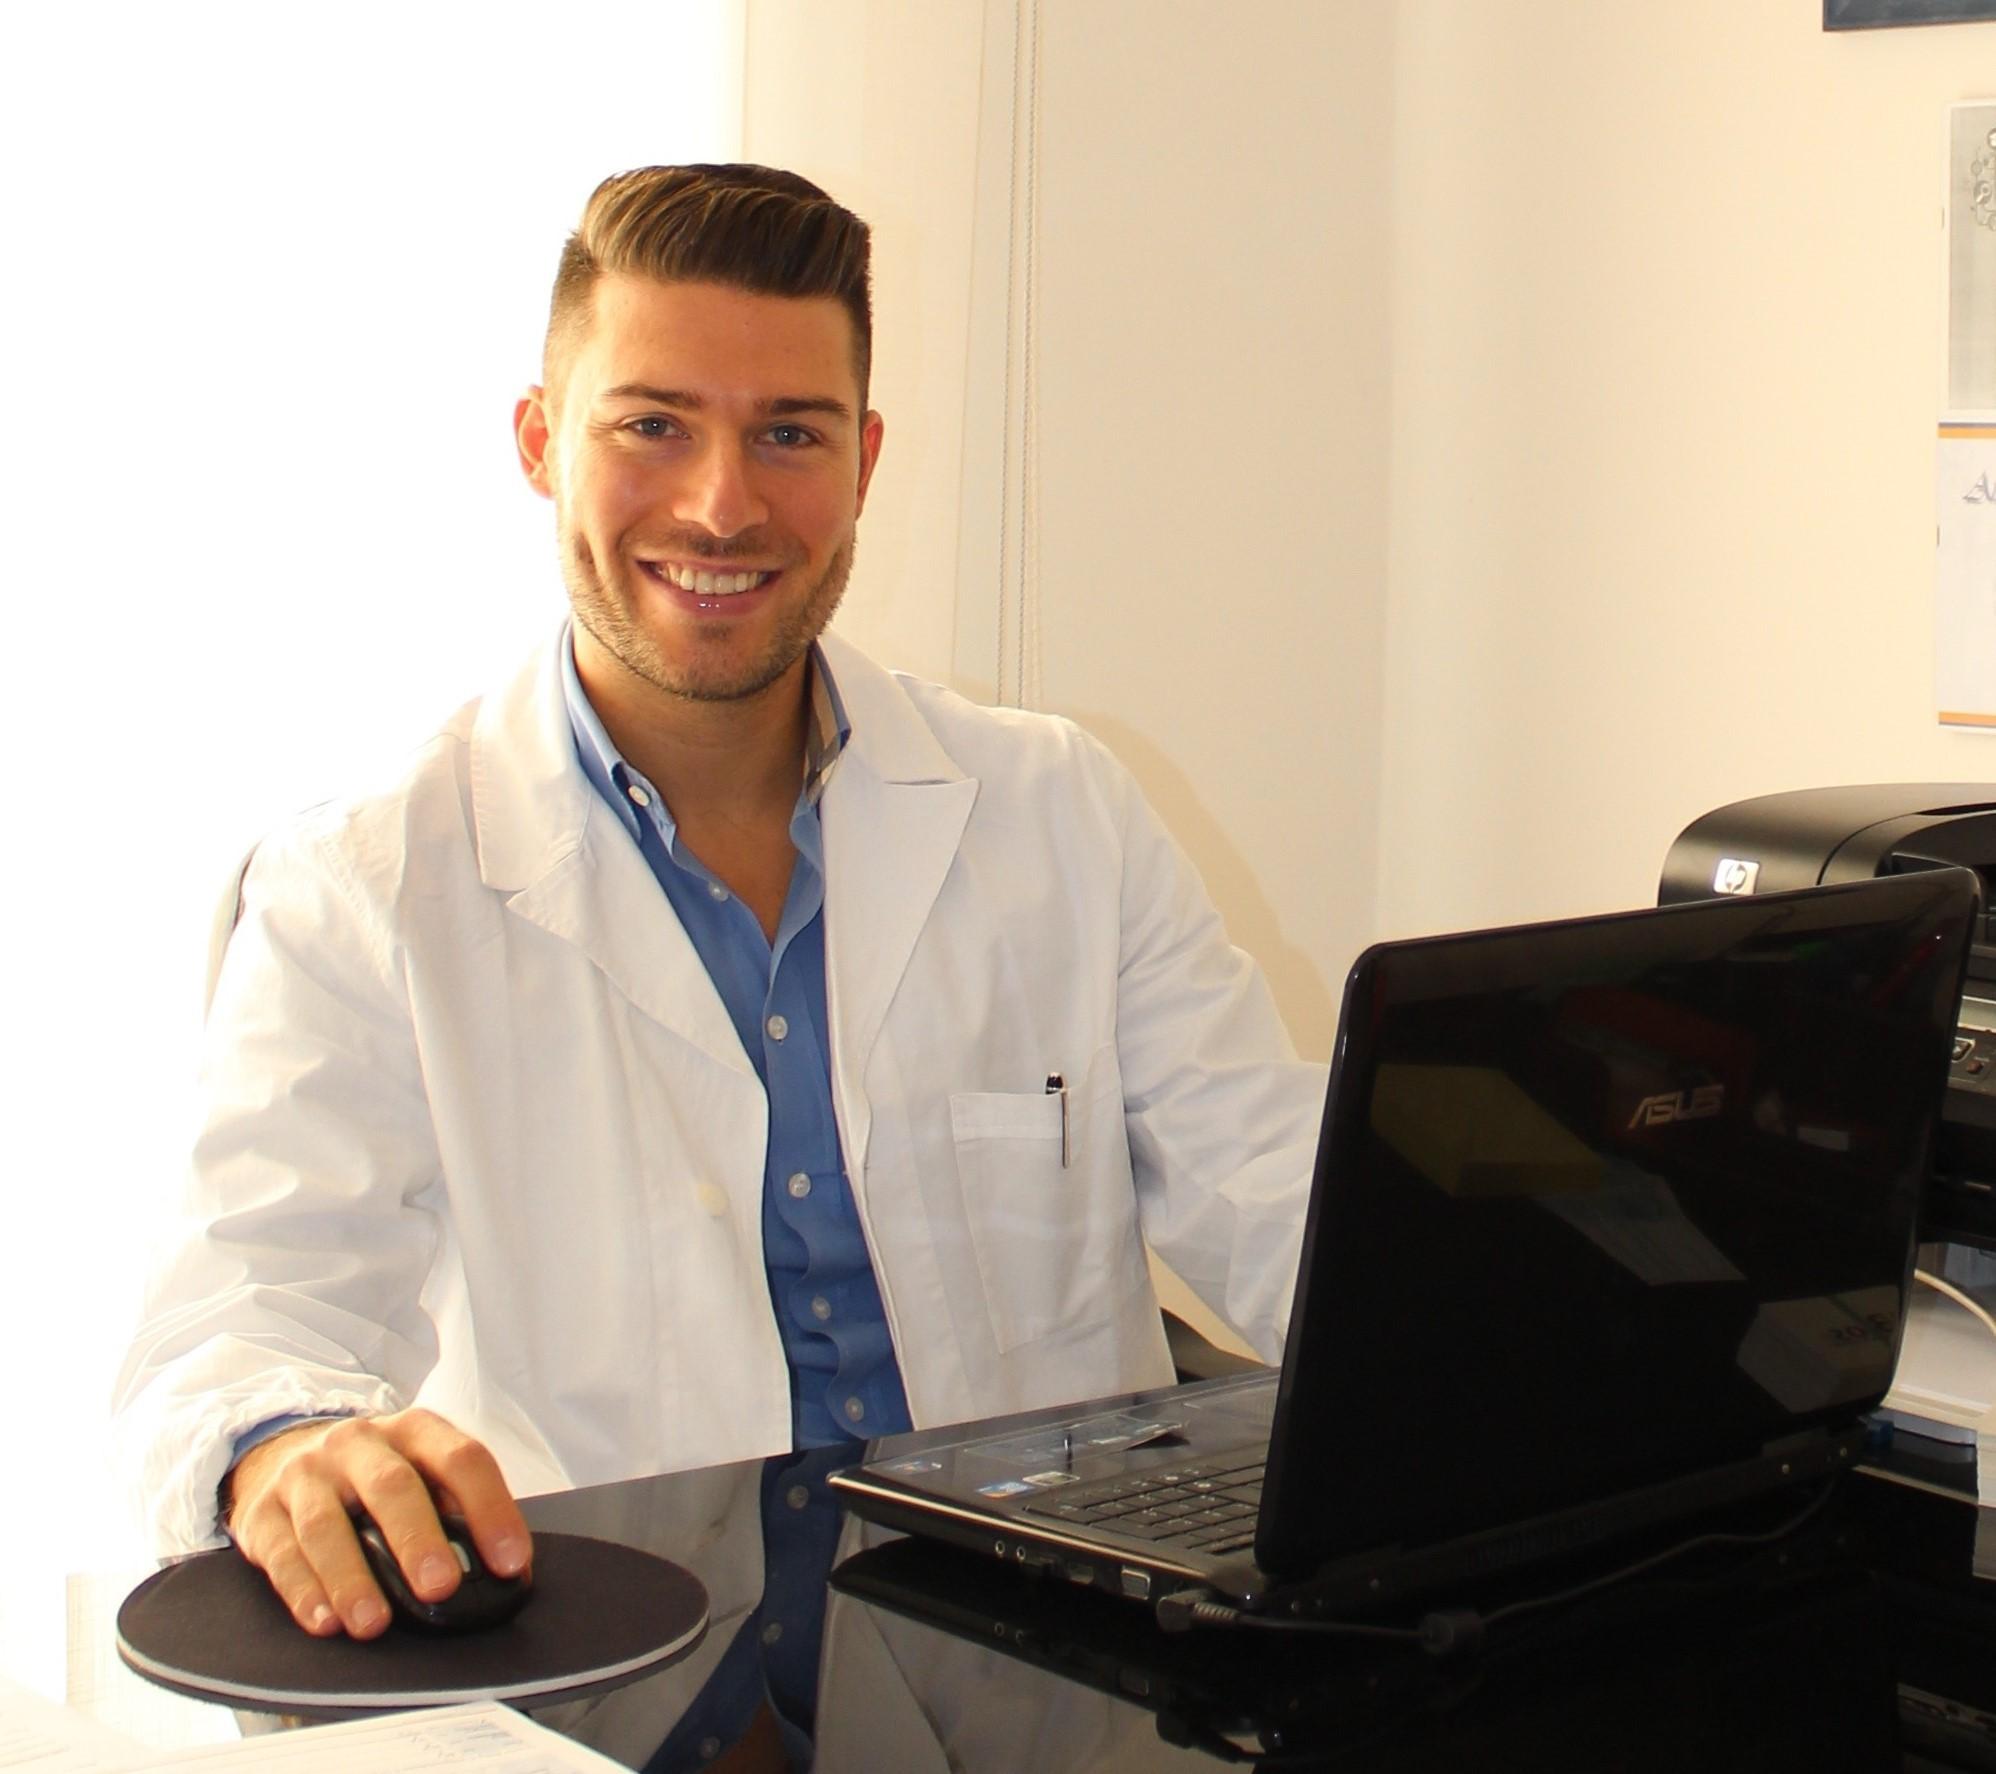 Dott. Daniele Basta biologo nutrizionista